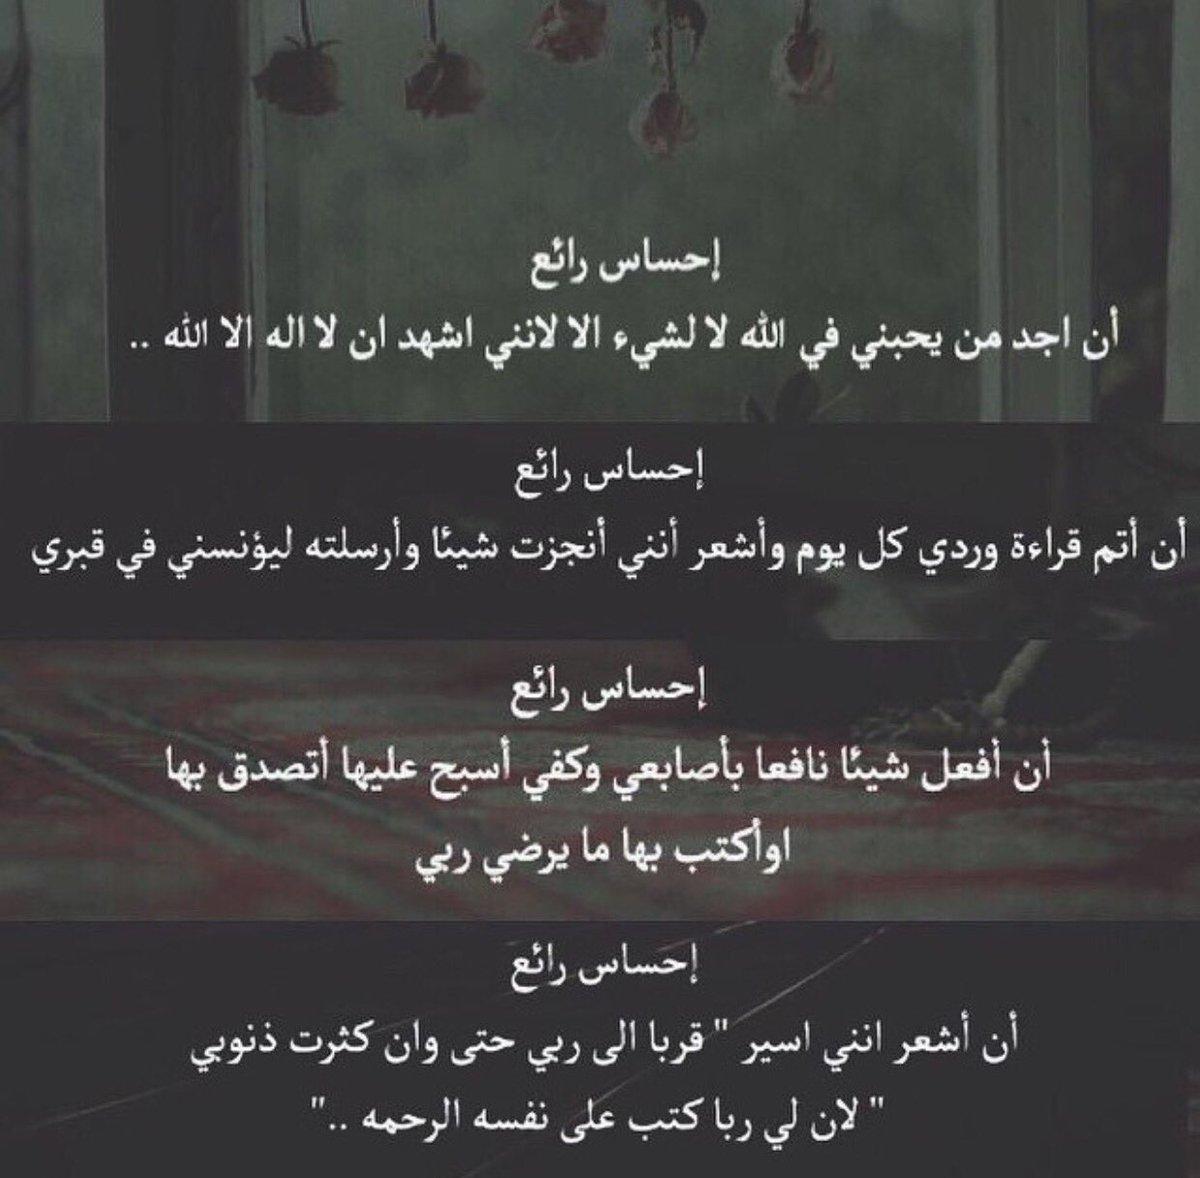 رمزيات دينيه Ramzzyat Twitter